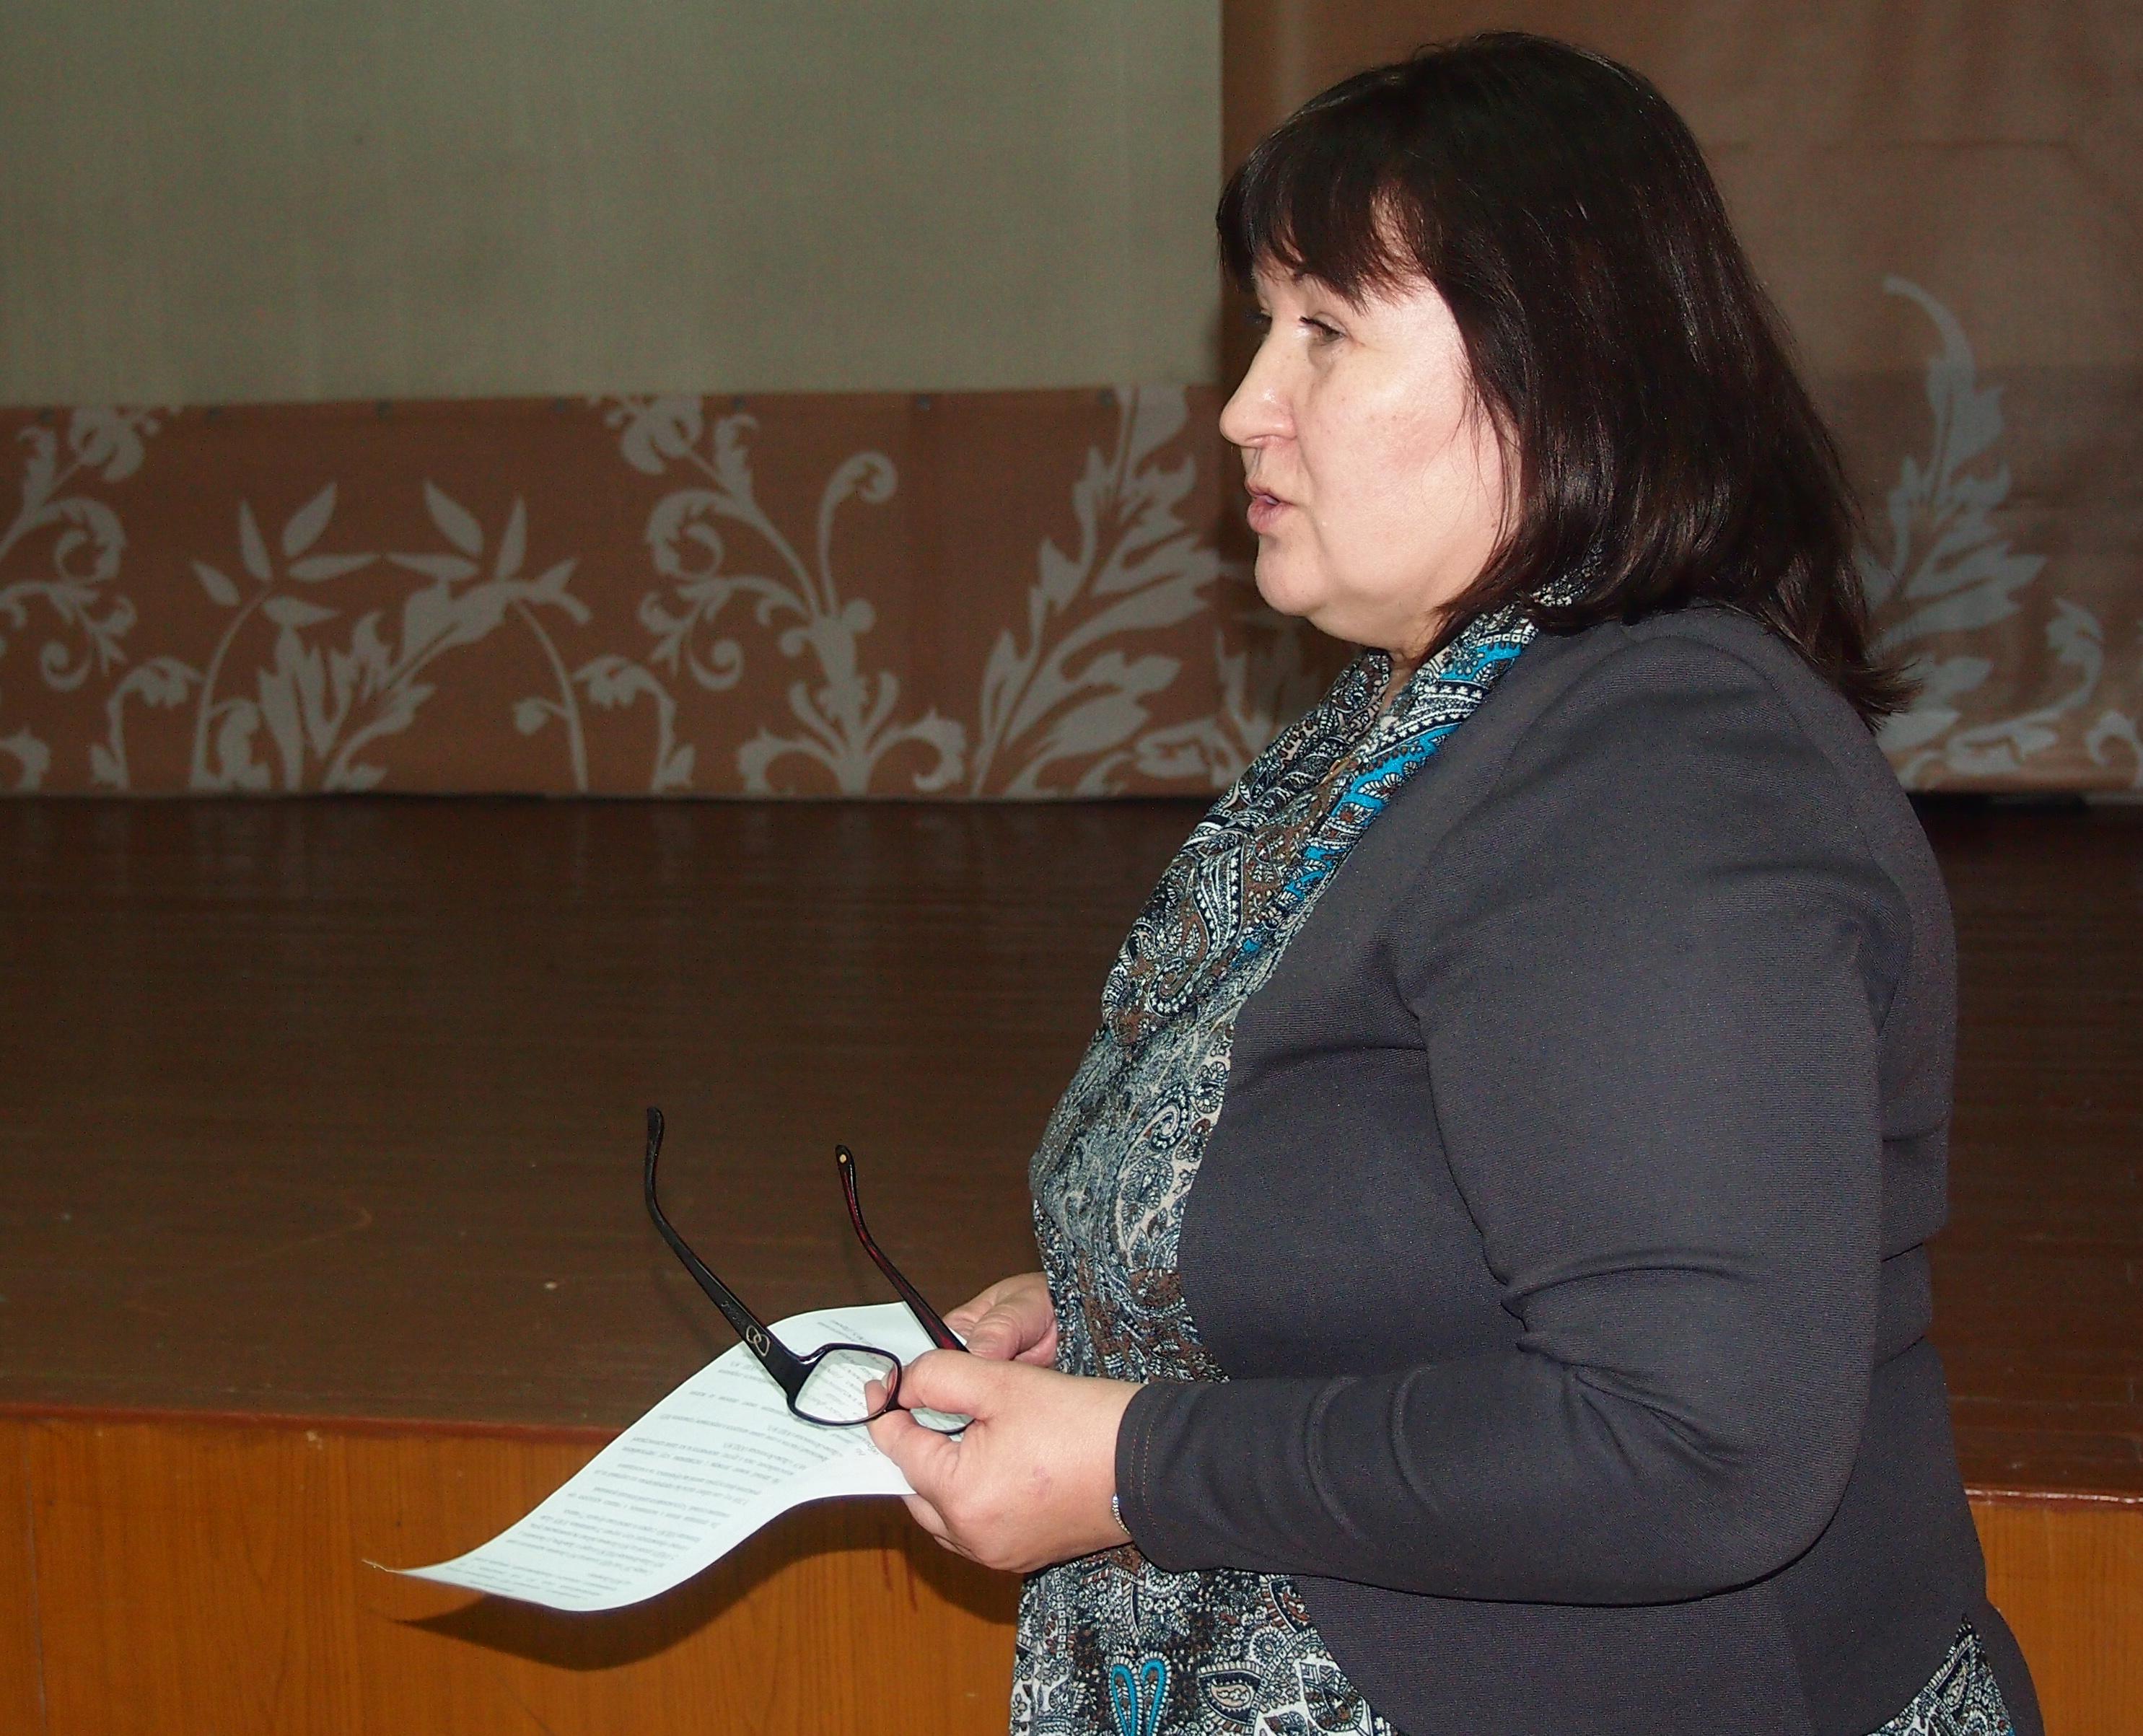 Людмила Пархомук. Фото: Валерий Поташов